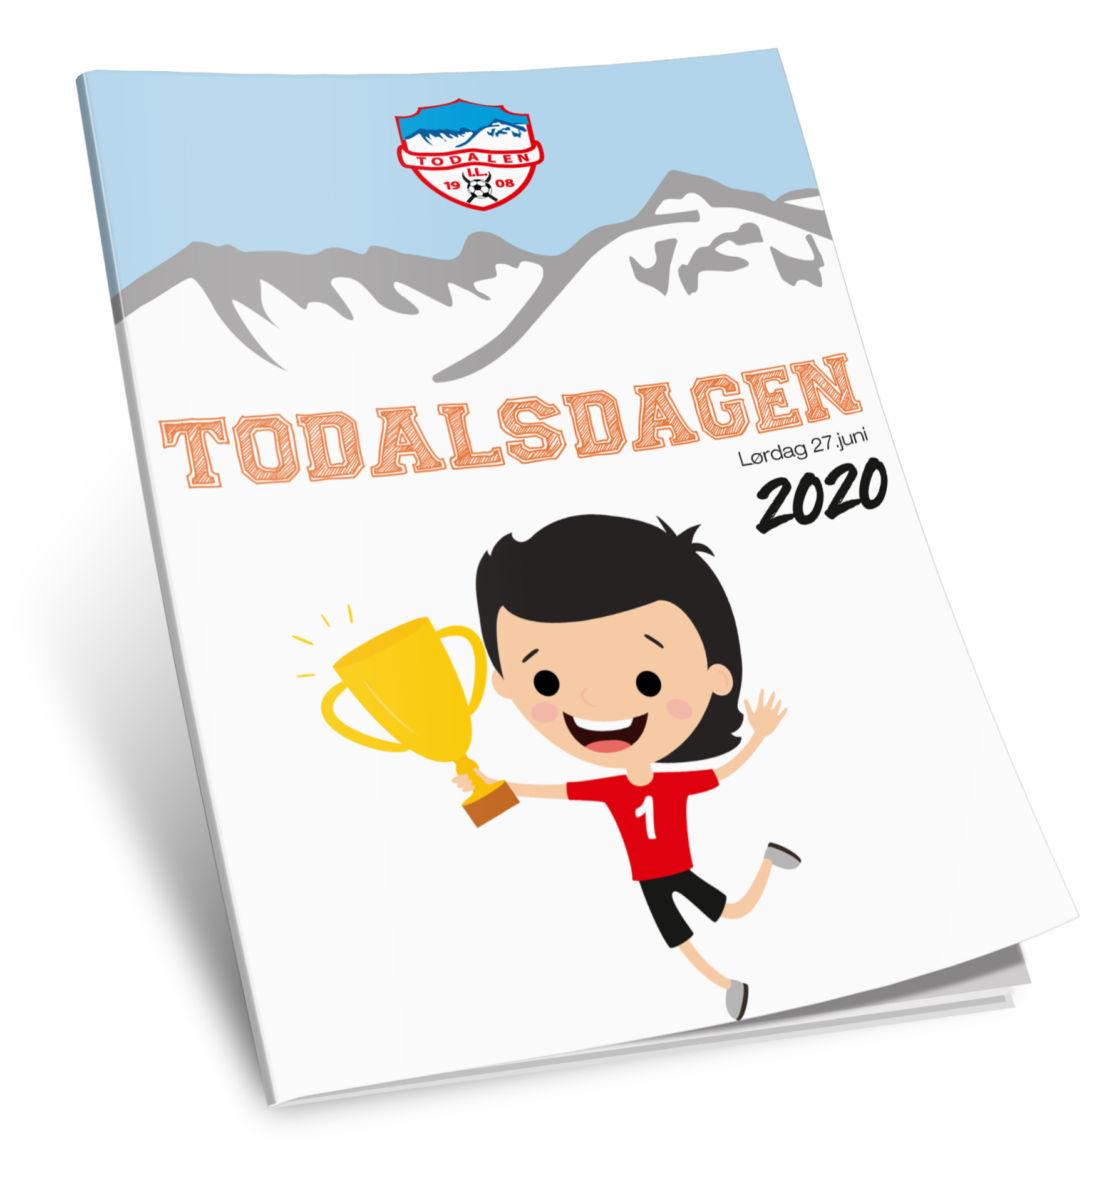 Todalsdagen 2020, avis med program og info kjem her